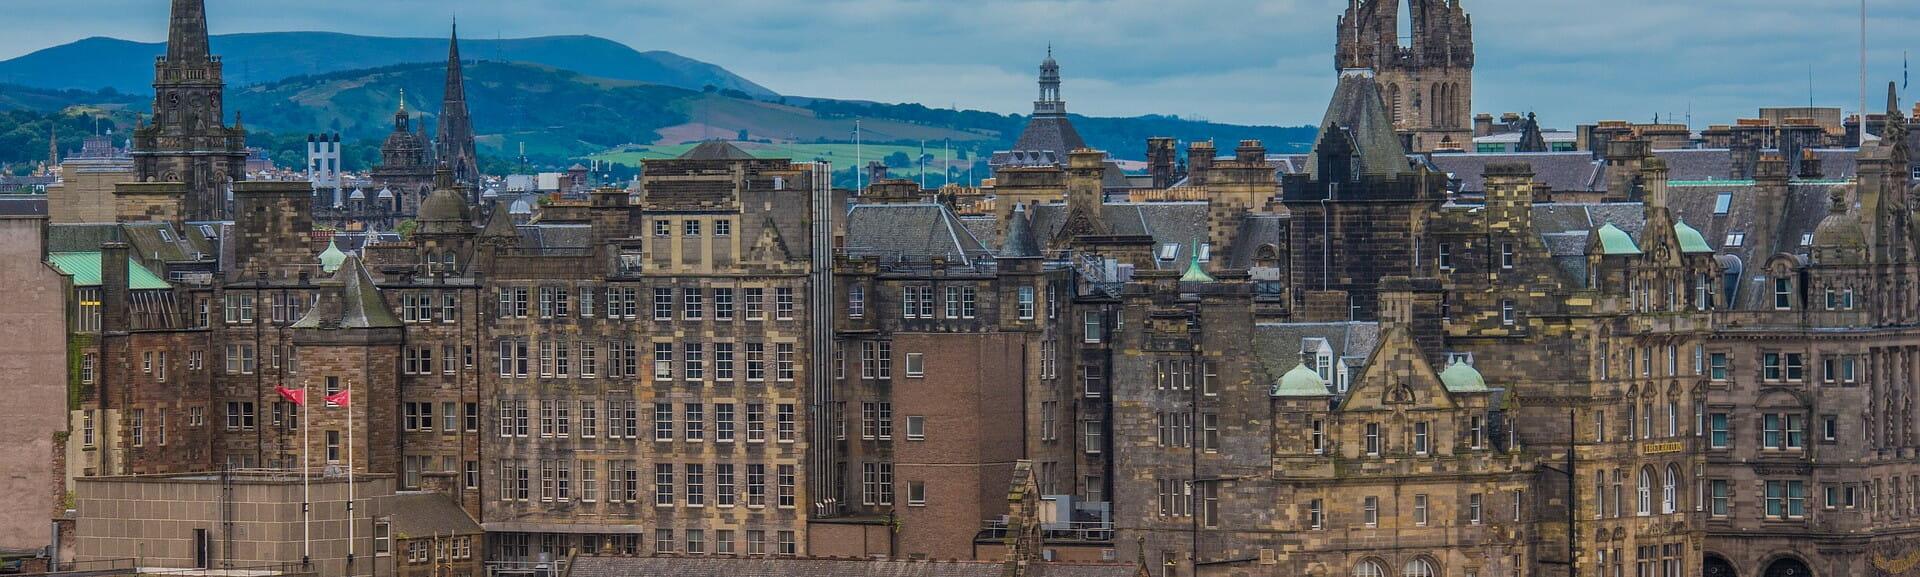 Klassenfahrt Edinburgh Holyrood Park